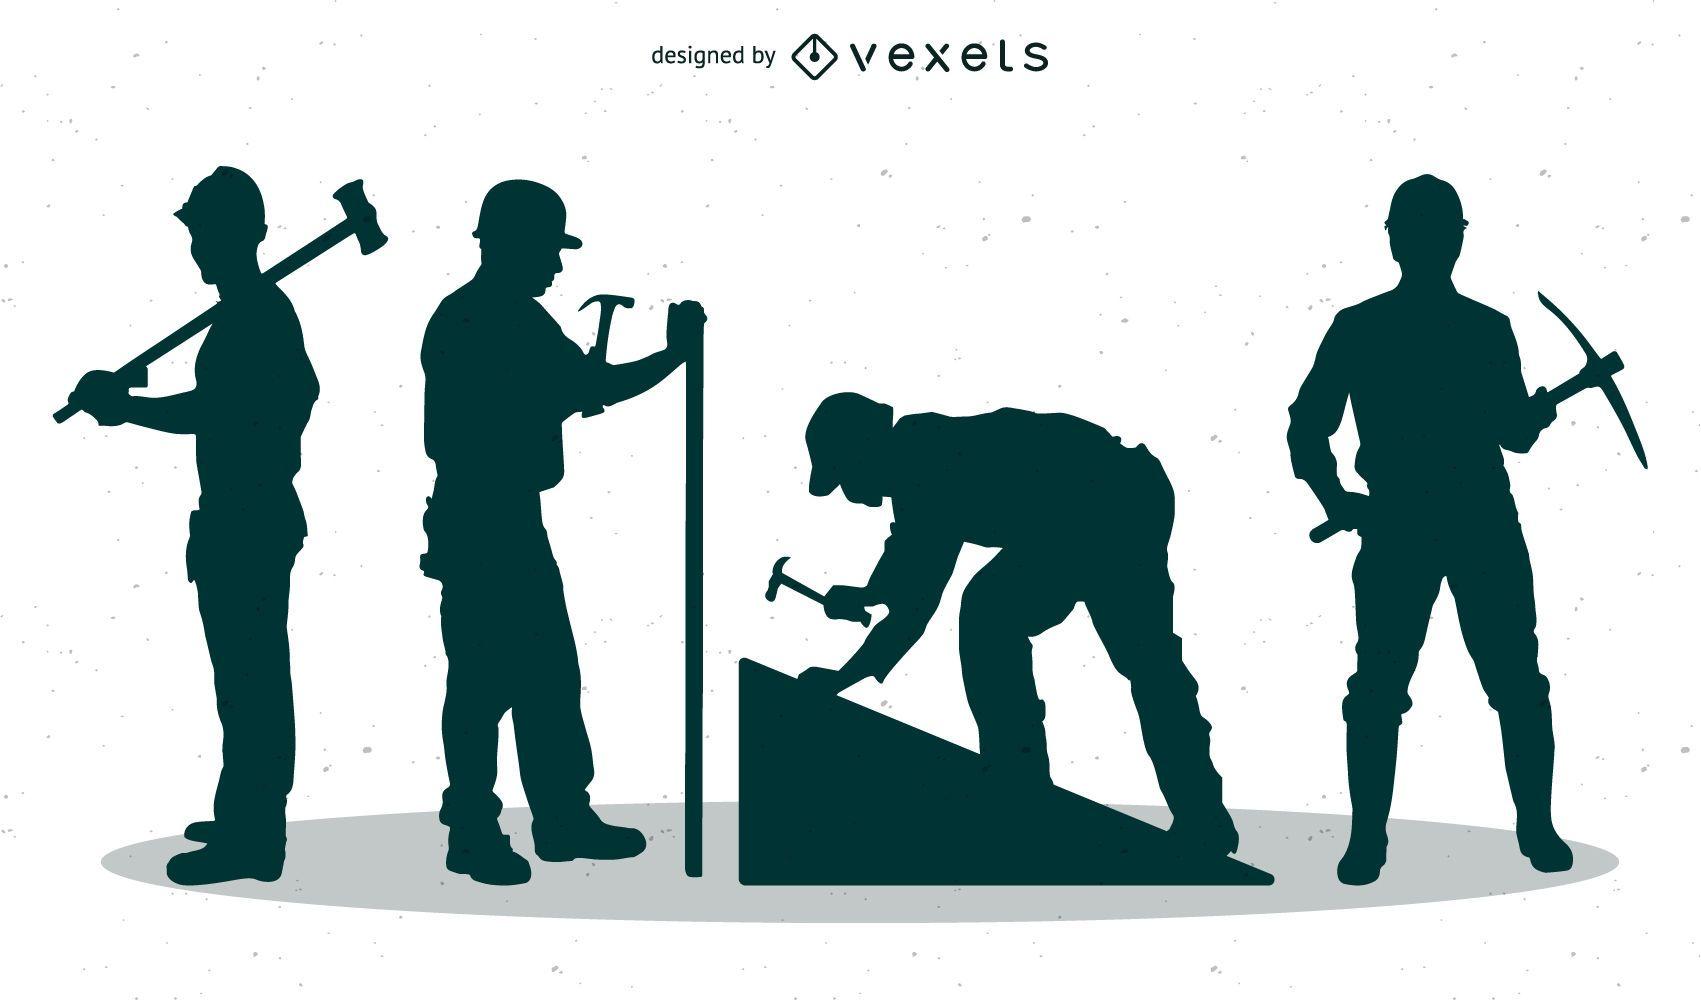 Siluetas de hombres de trabajo con picos